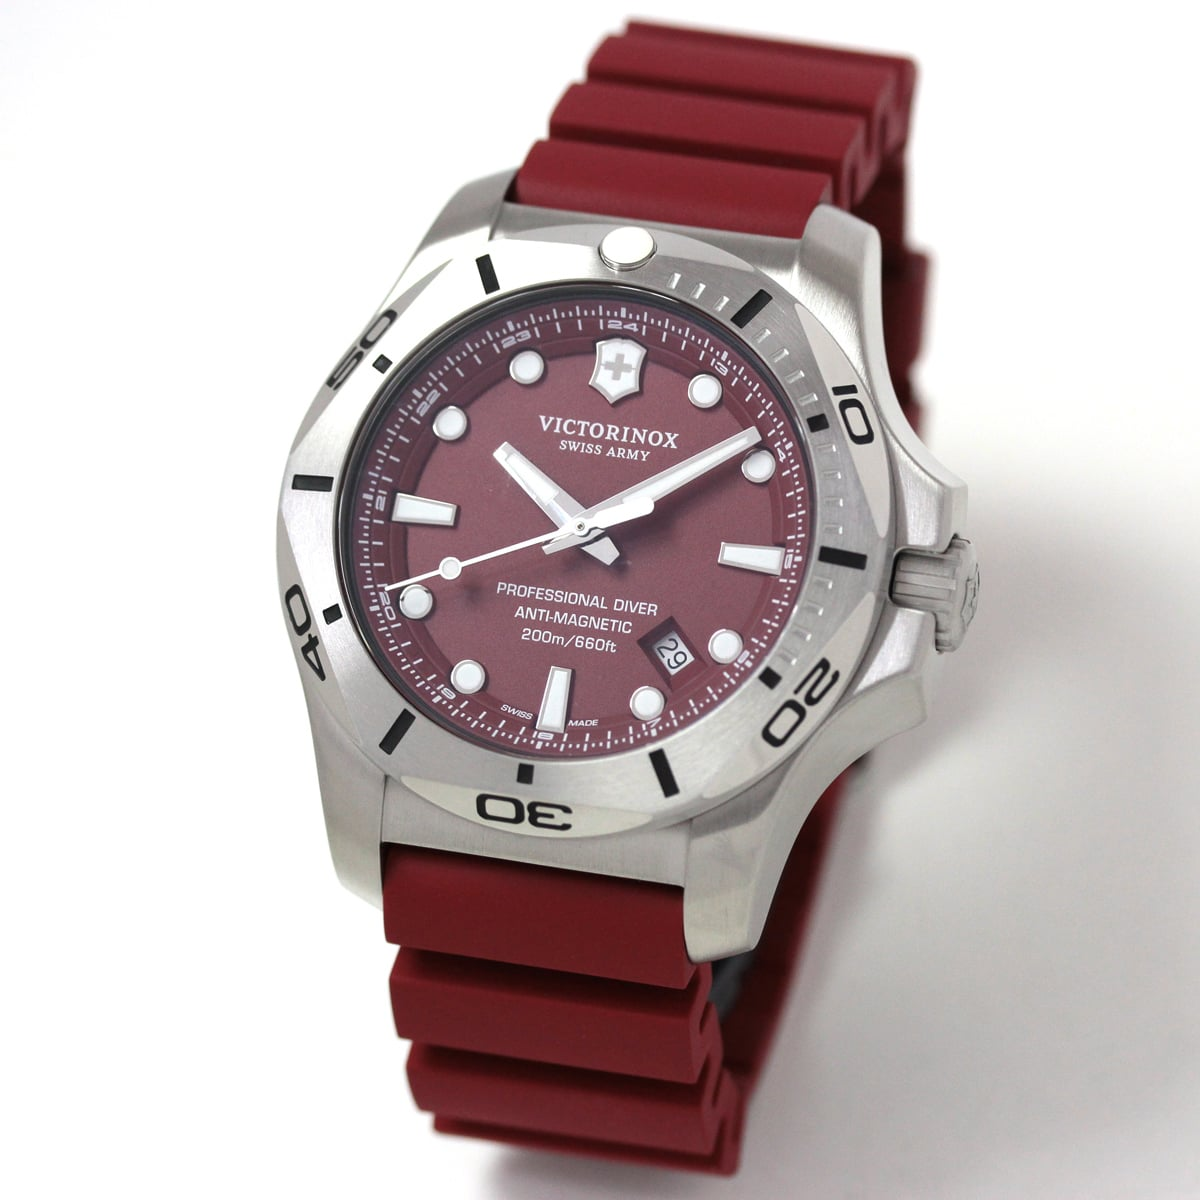 ビクトリノックススイスアーミー I.N.O.X. (イノックス) プロフェッショナルダイバー 241736 レッド 腕時計